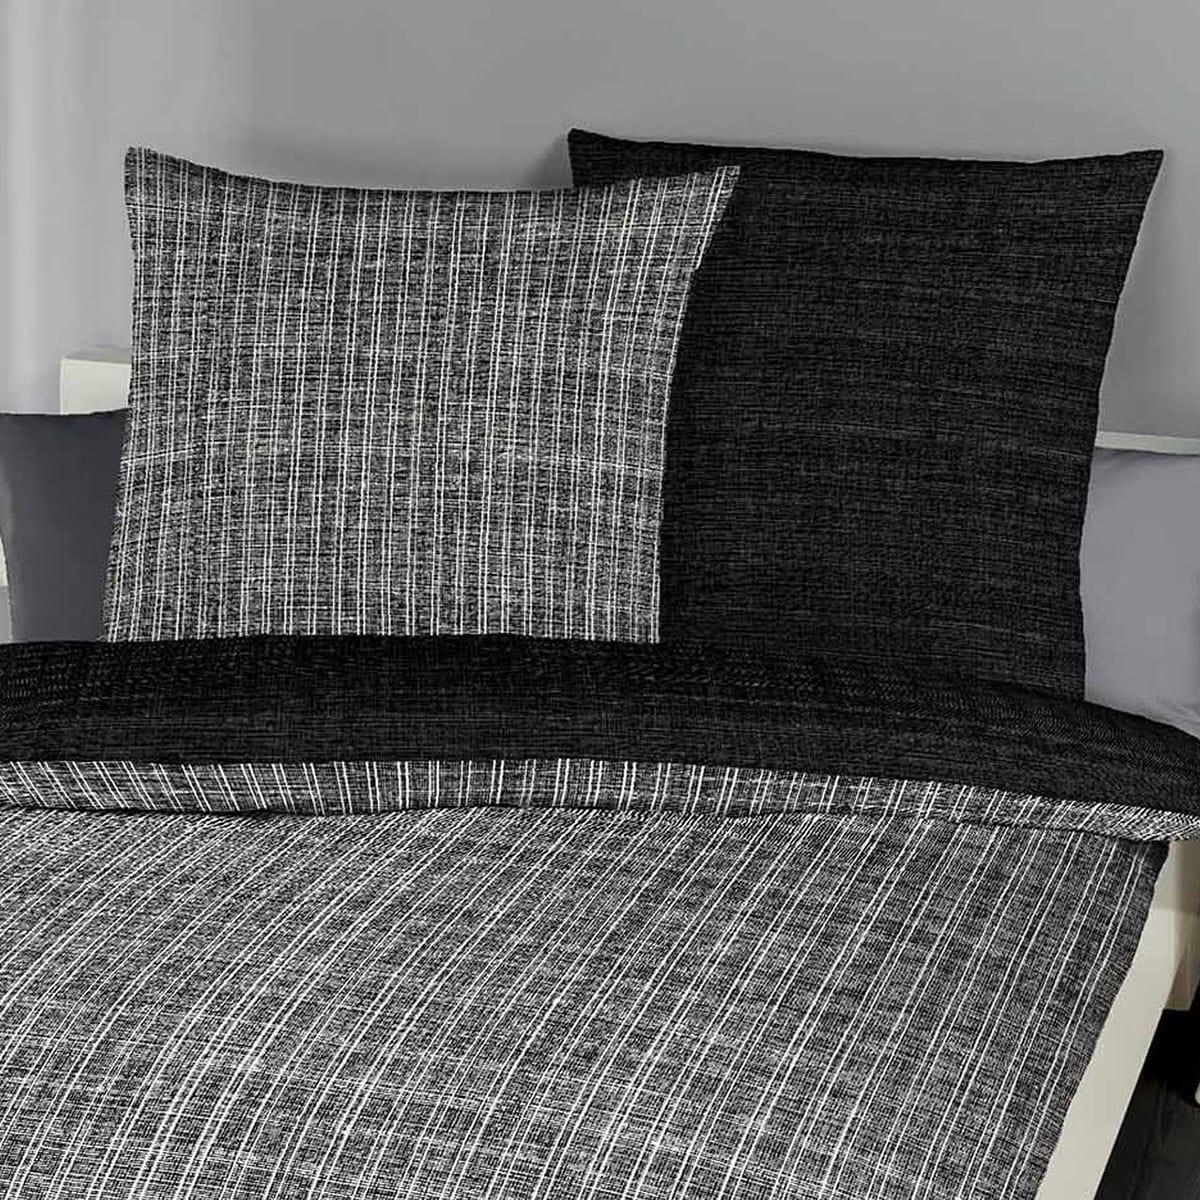 bettwarenshop biber bettw sche eternity combo schwarz g nstig online kaufen bei bettwaren shop. Black Bedroom Furniture Sets. Home Design Ideas